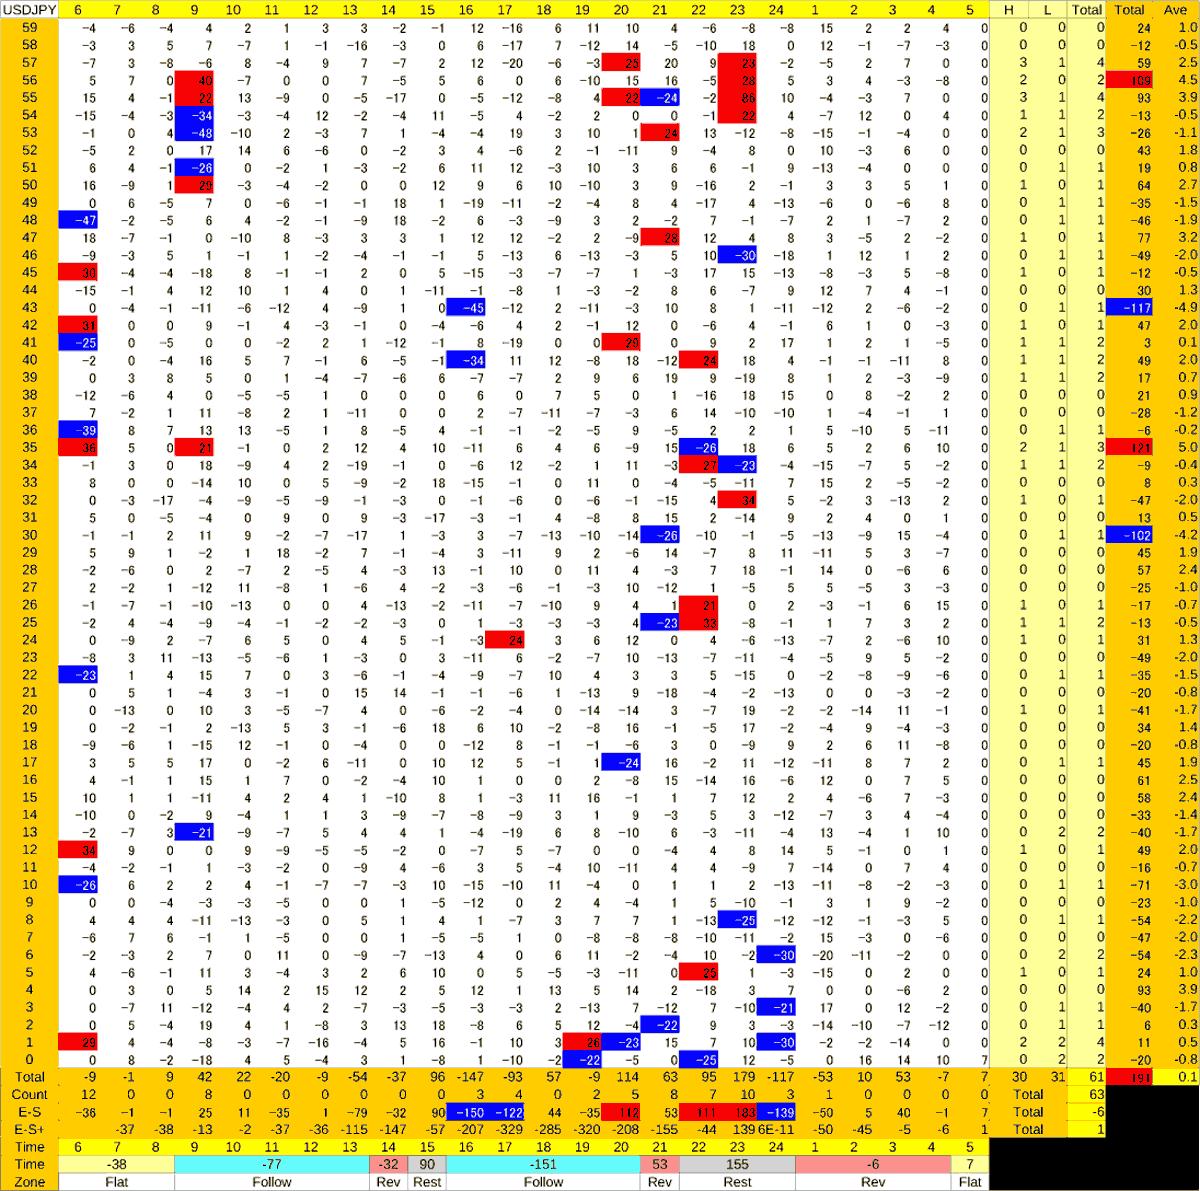 20200626_HS(1)USDJPY